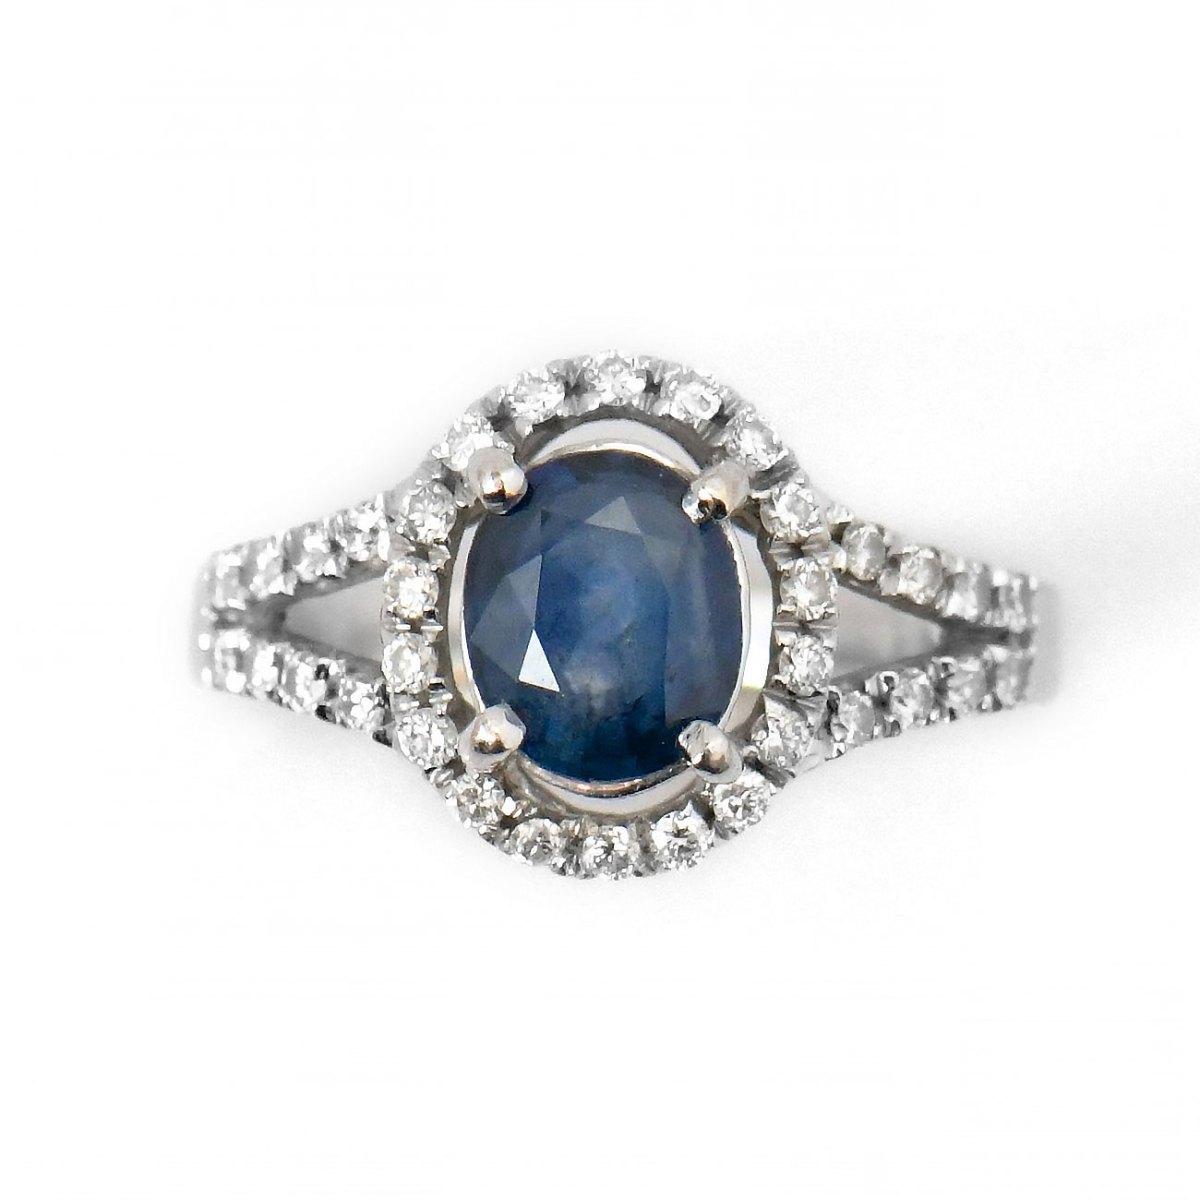 Bague Saphir bleu et diamants sur Or blanc 750/1000e |Référence : BA-B18703